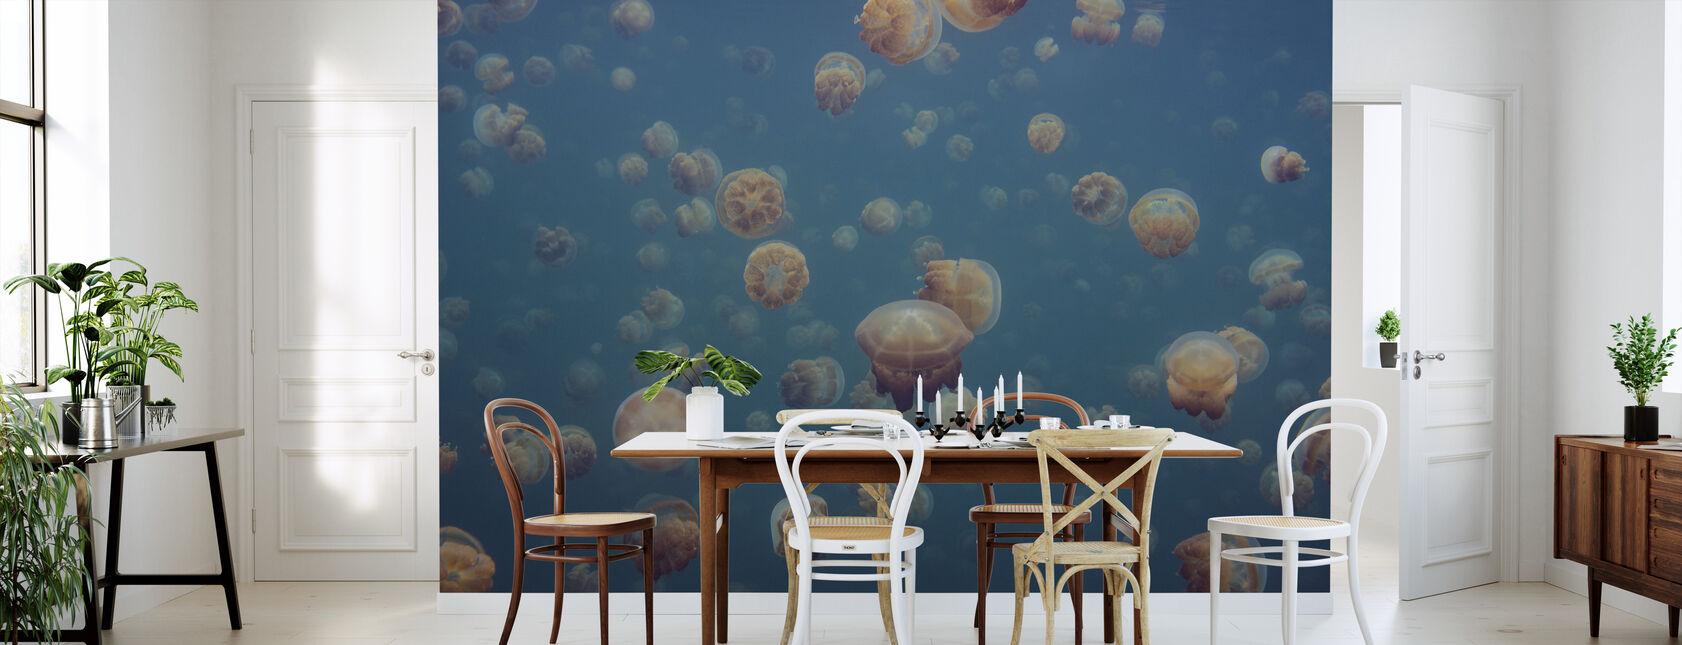 Oddworld - Wallpaper - Kitchen